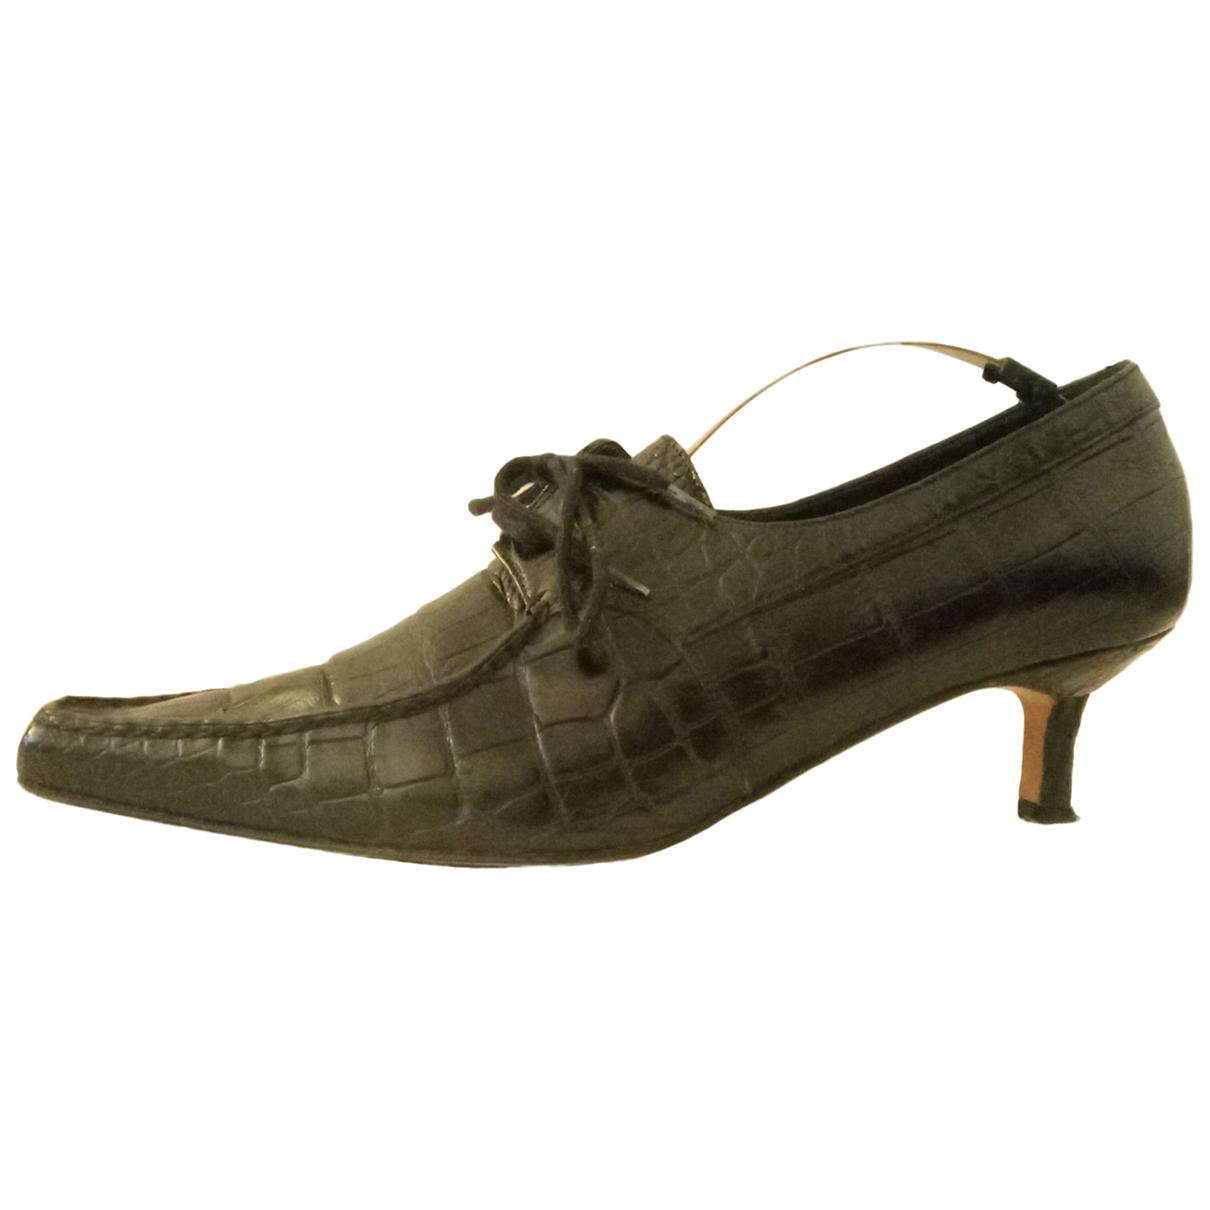 Manolo Blahnik N Black Crocodile Heels for Women 40 IT